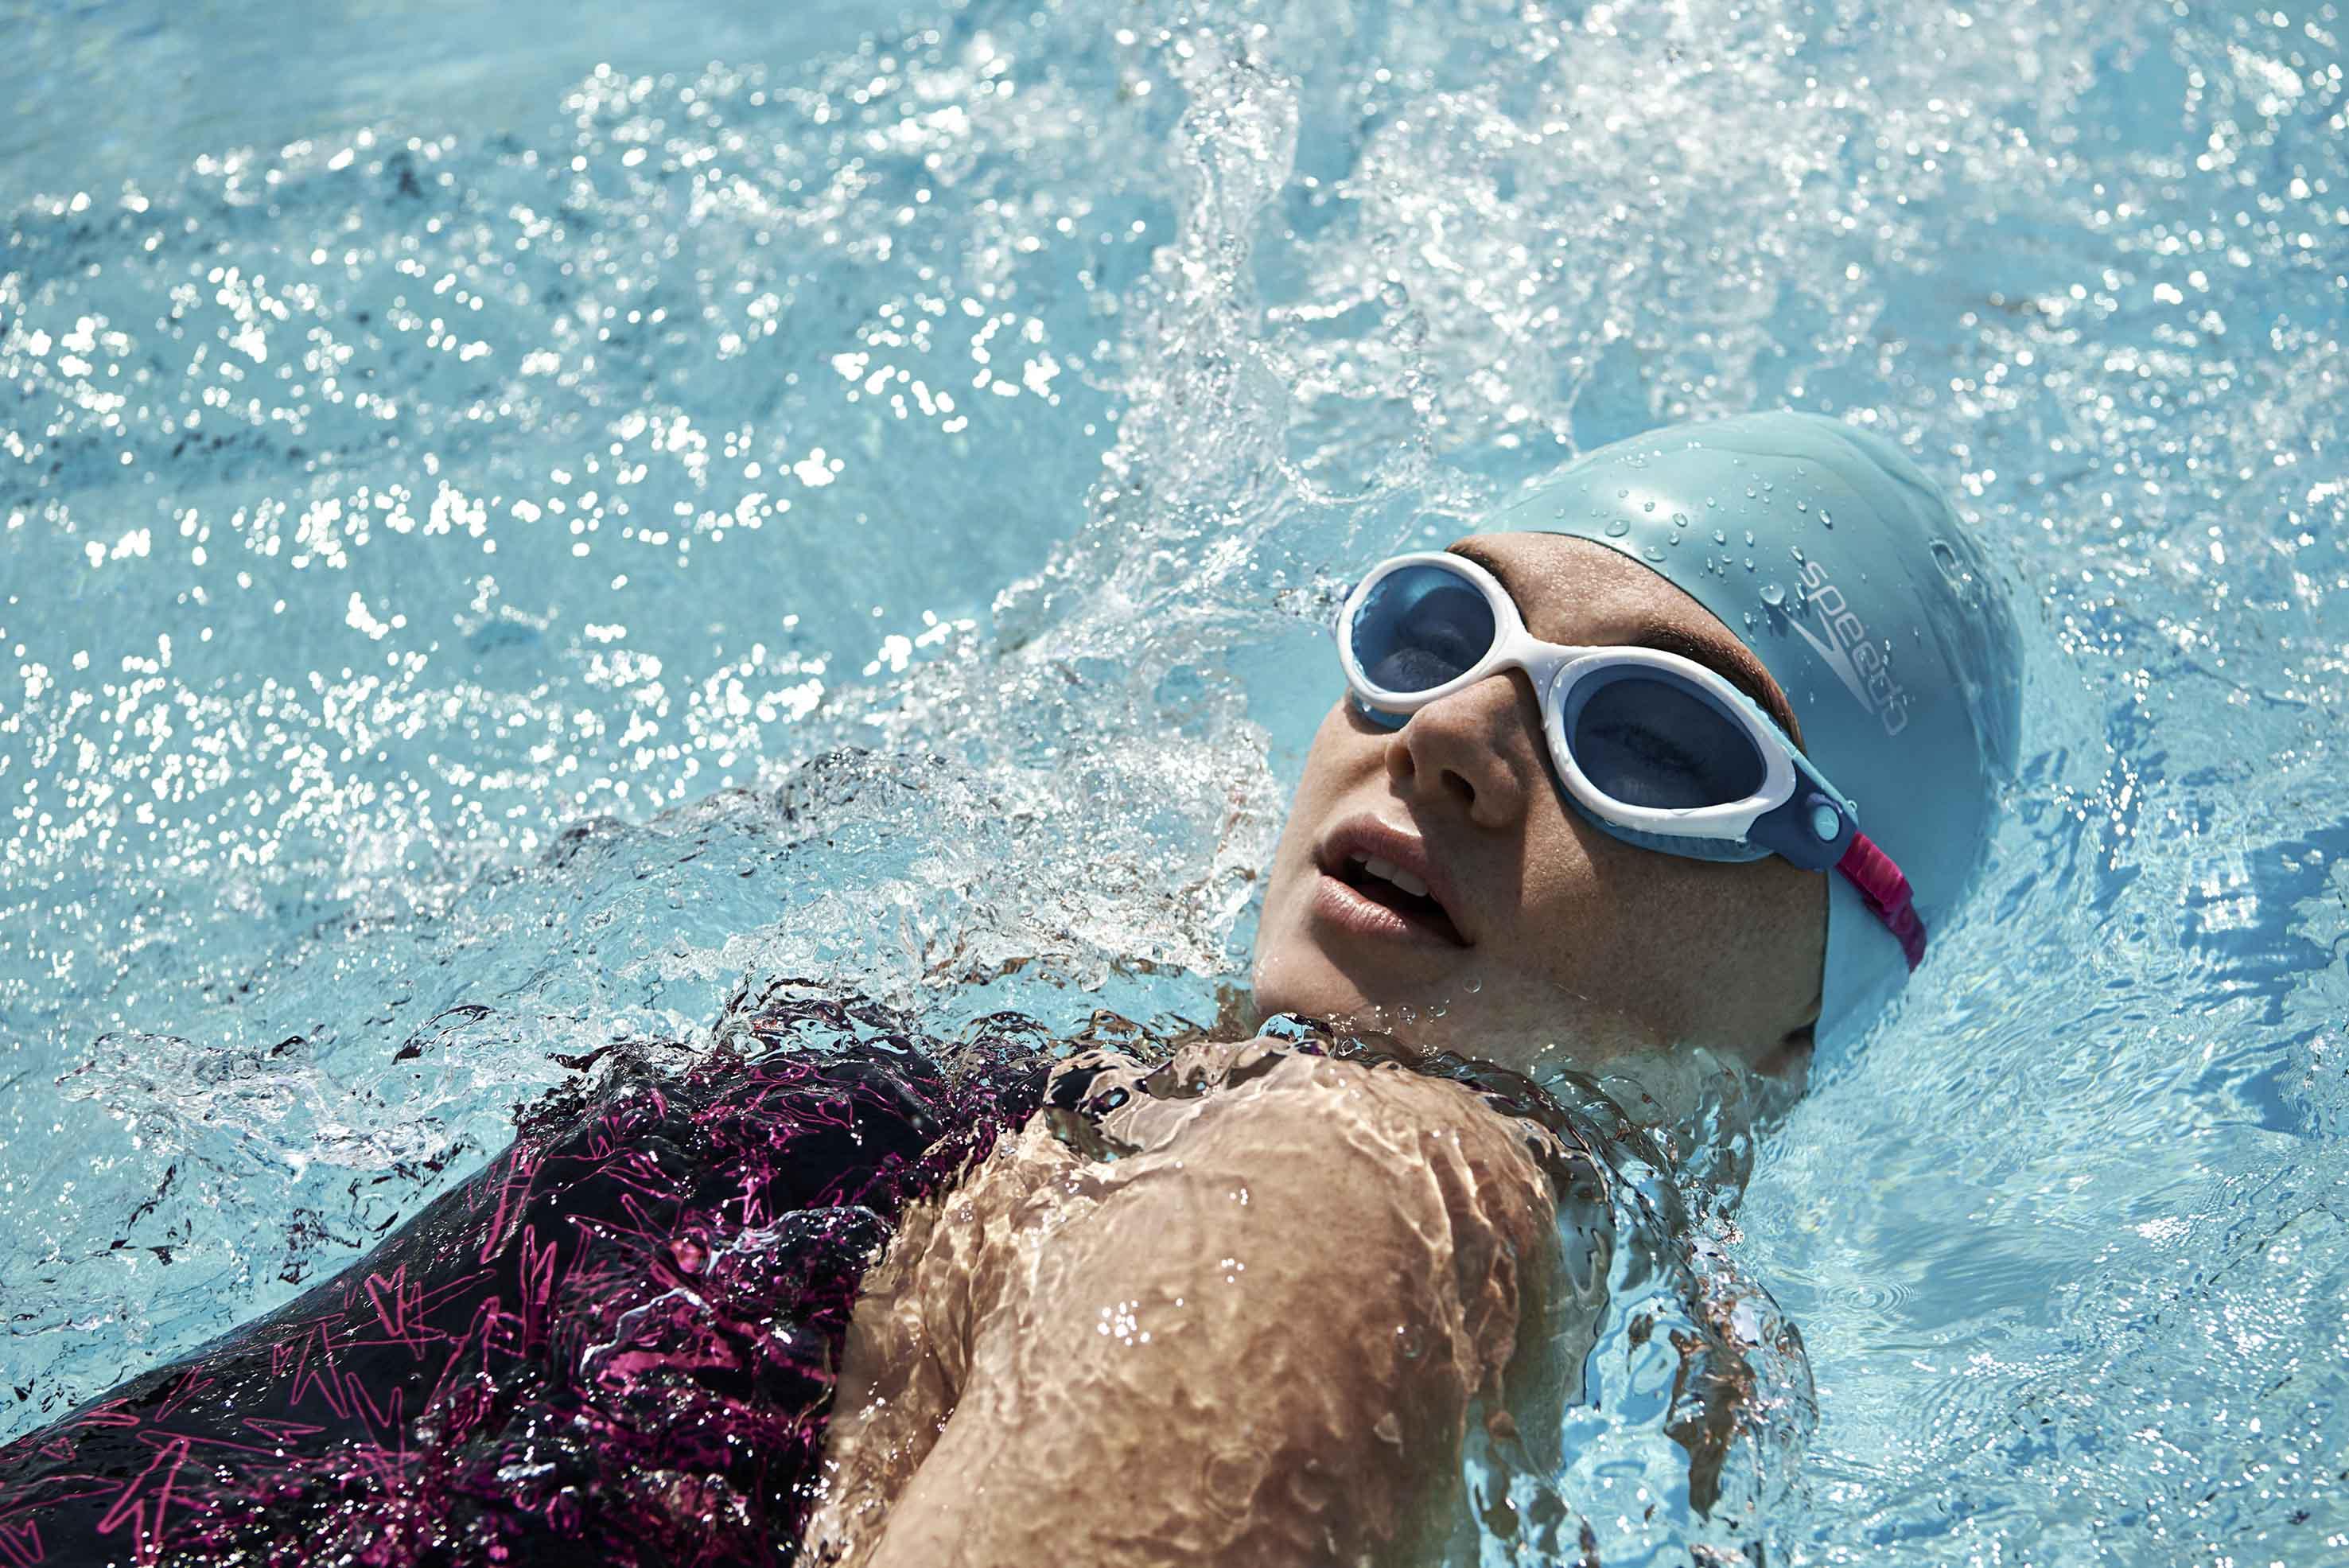 Occhialini nuoto: quale scegliere?